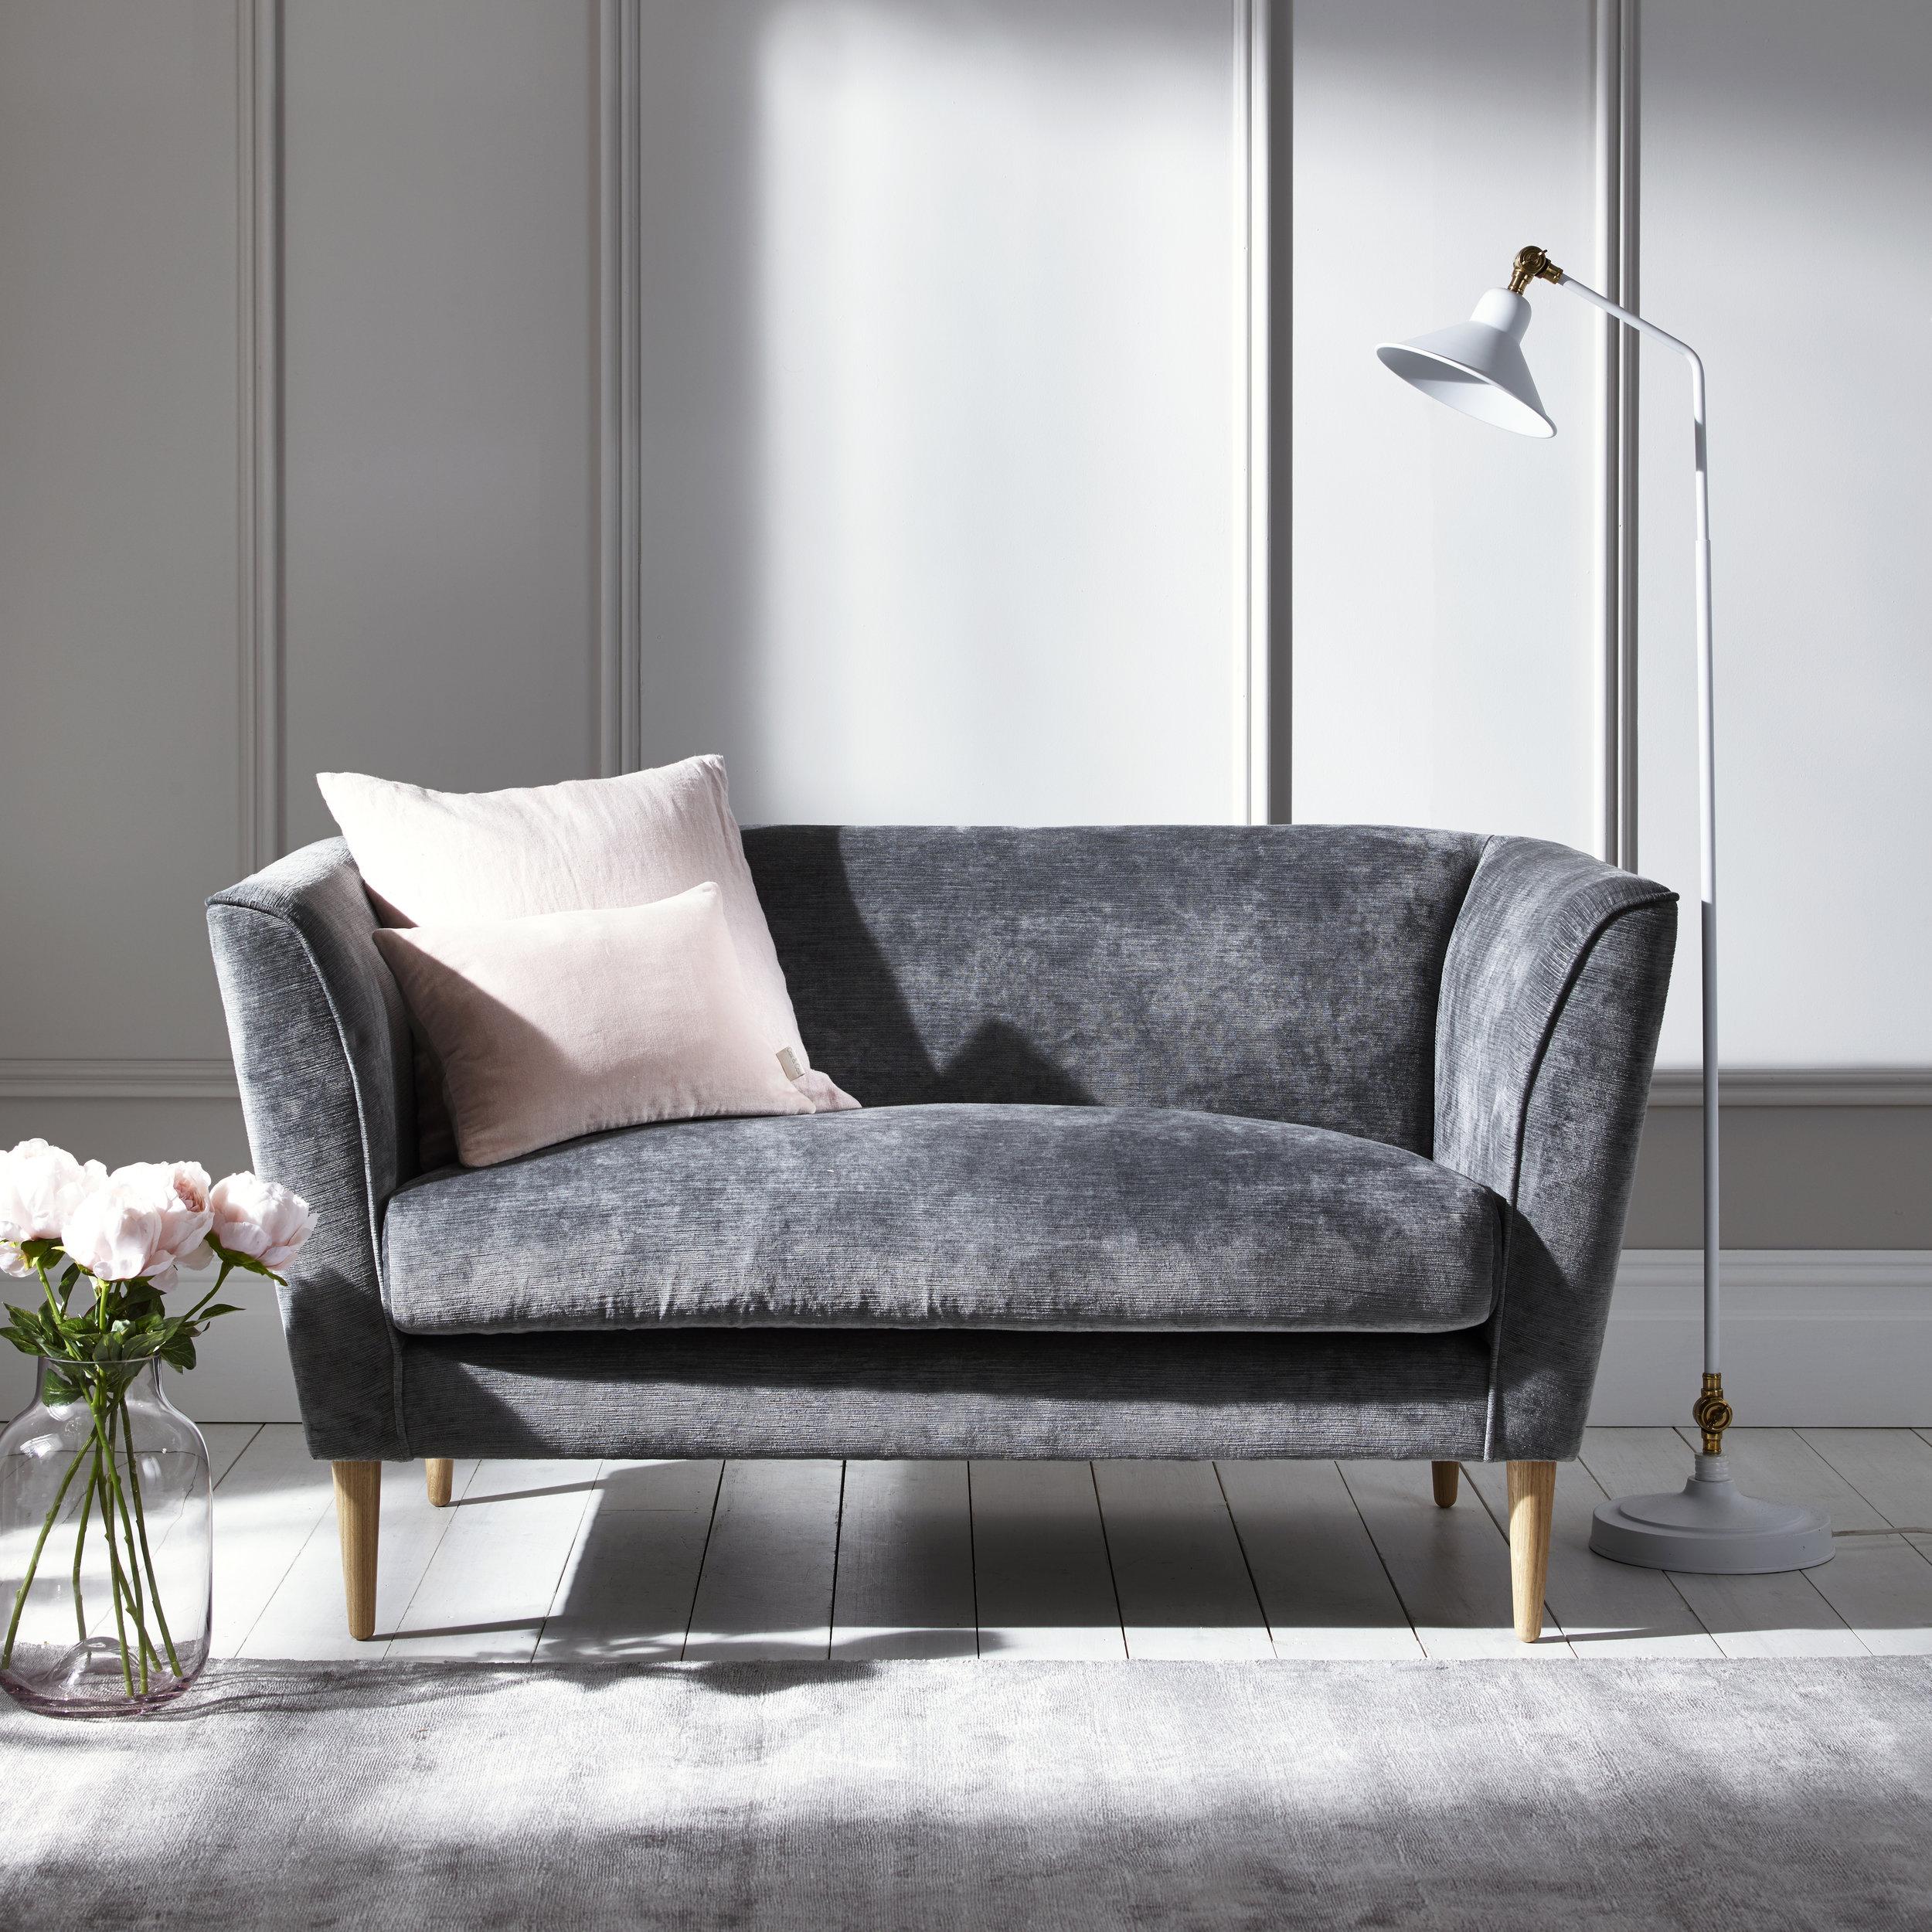 Timsbury velvet sofa - £1400.00